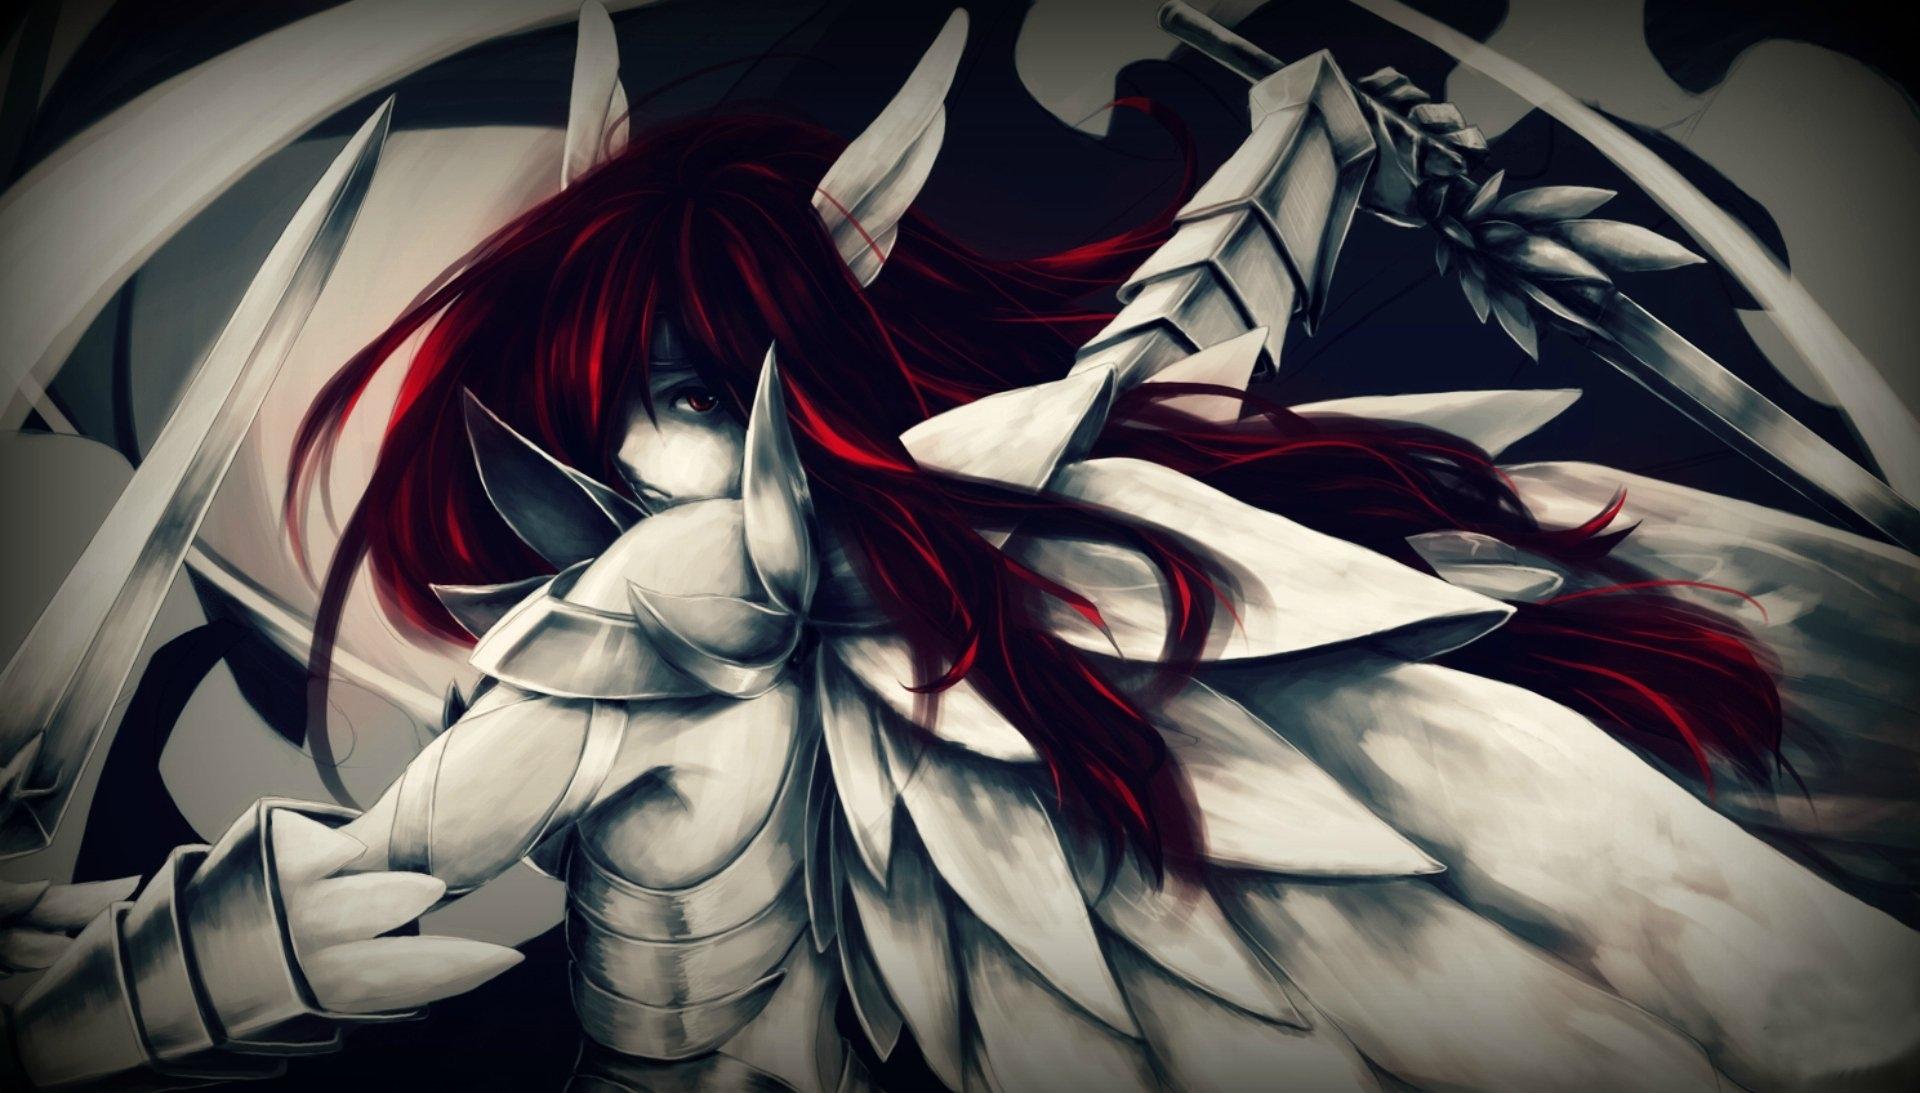 erza scarlet - heaven's wheel armor full hd fond d'écran and arrière